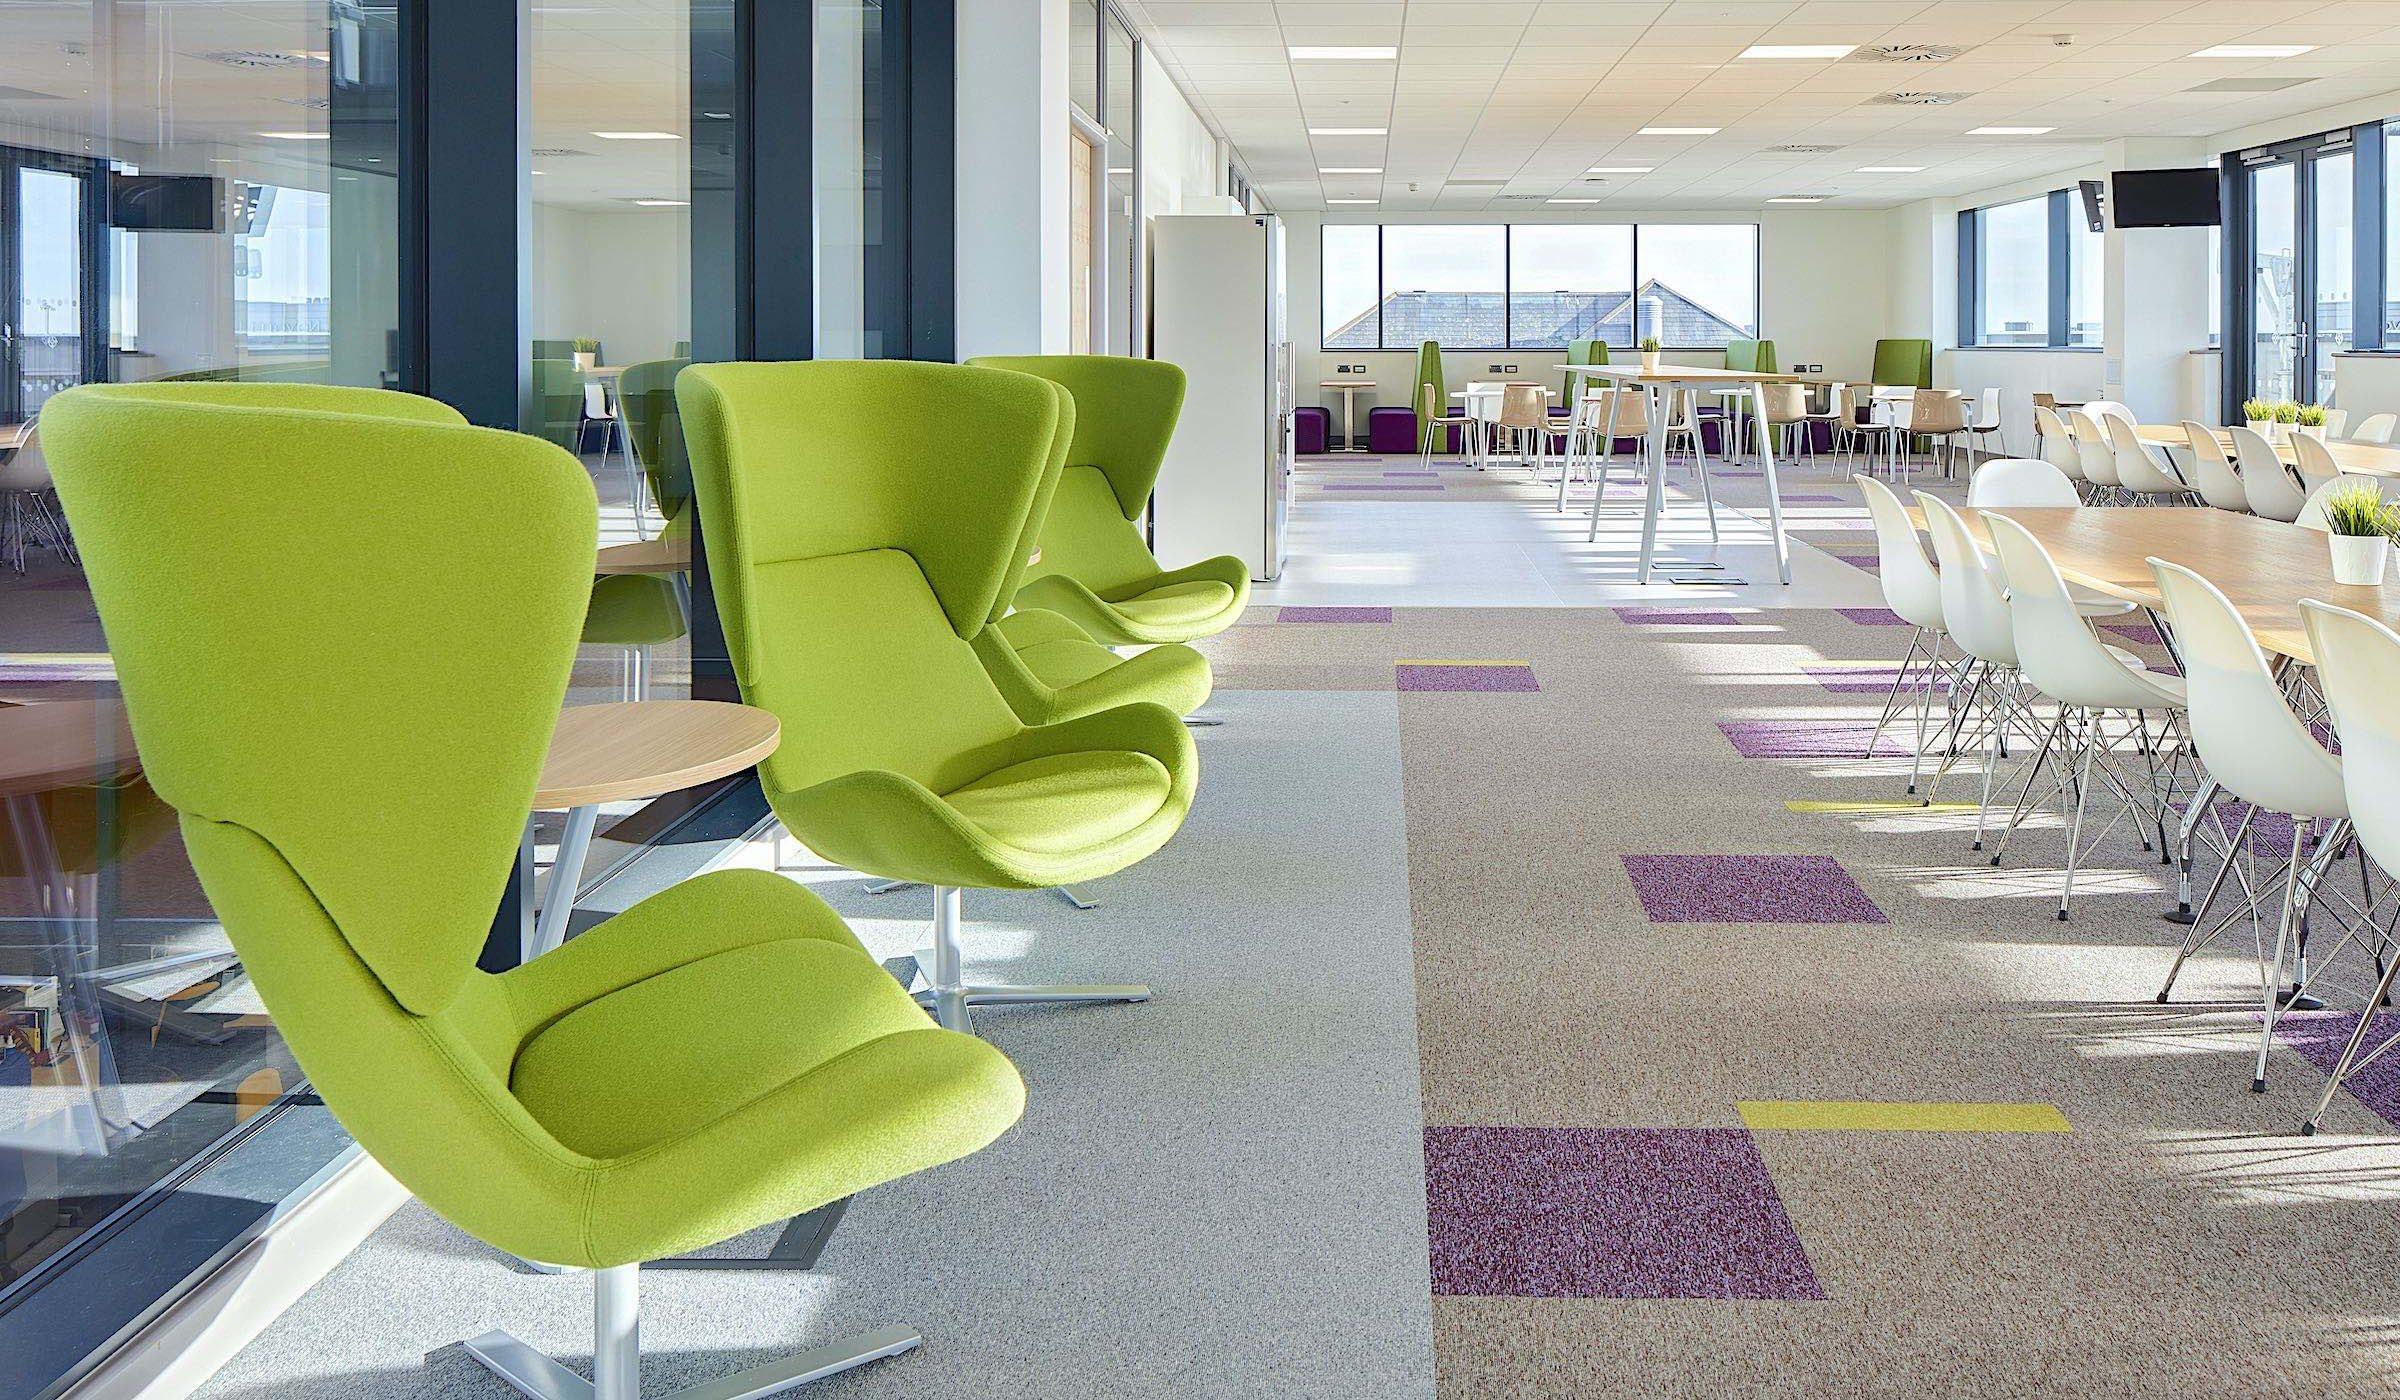 Toccarre | Paragon Carpet Tiles | Commercial Carpet Tiles | Design Carpet Tiles 1